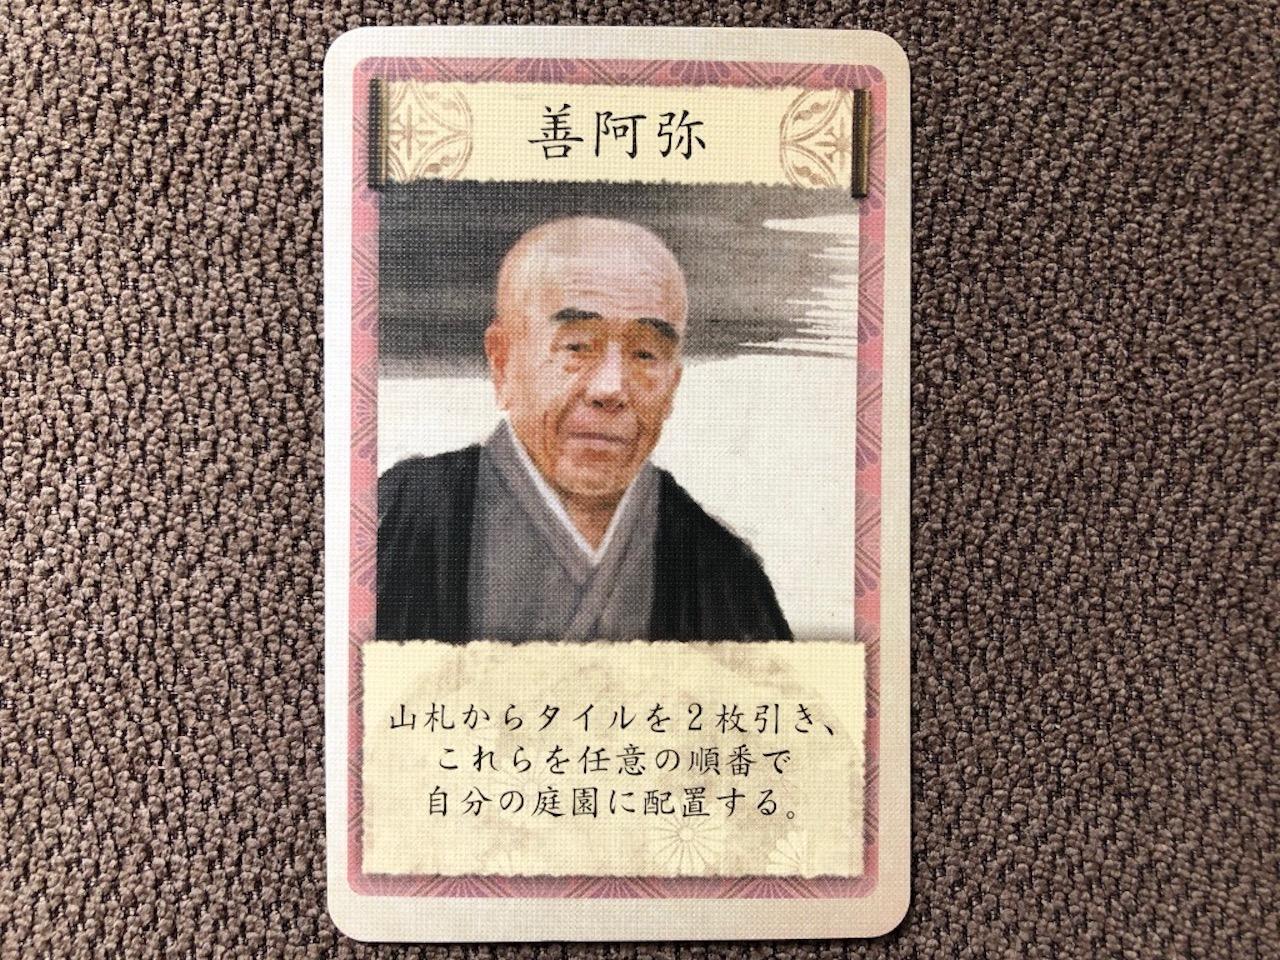 善阿弥の作庭家カード